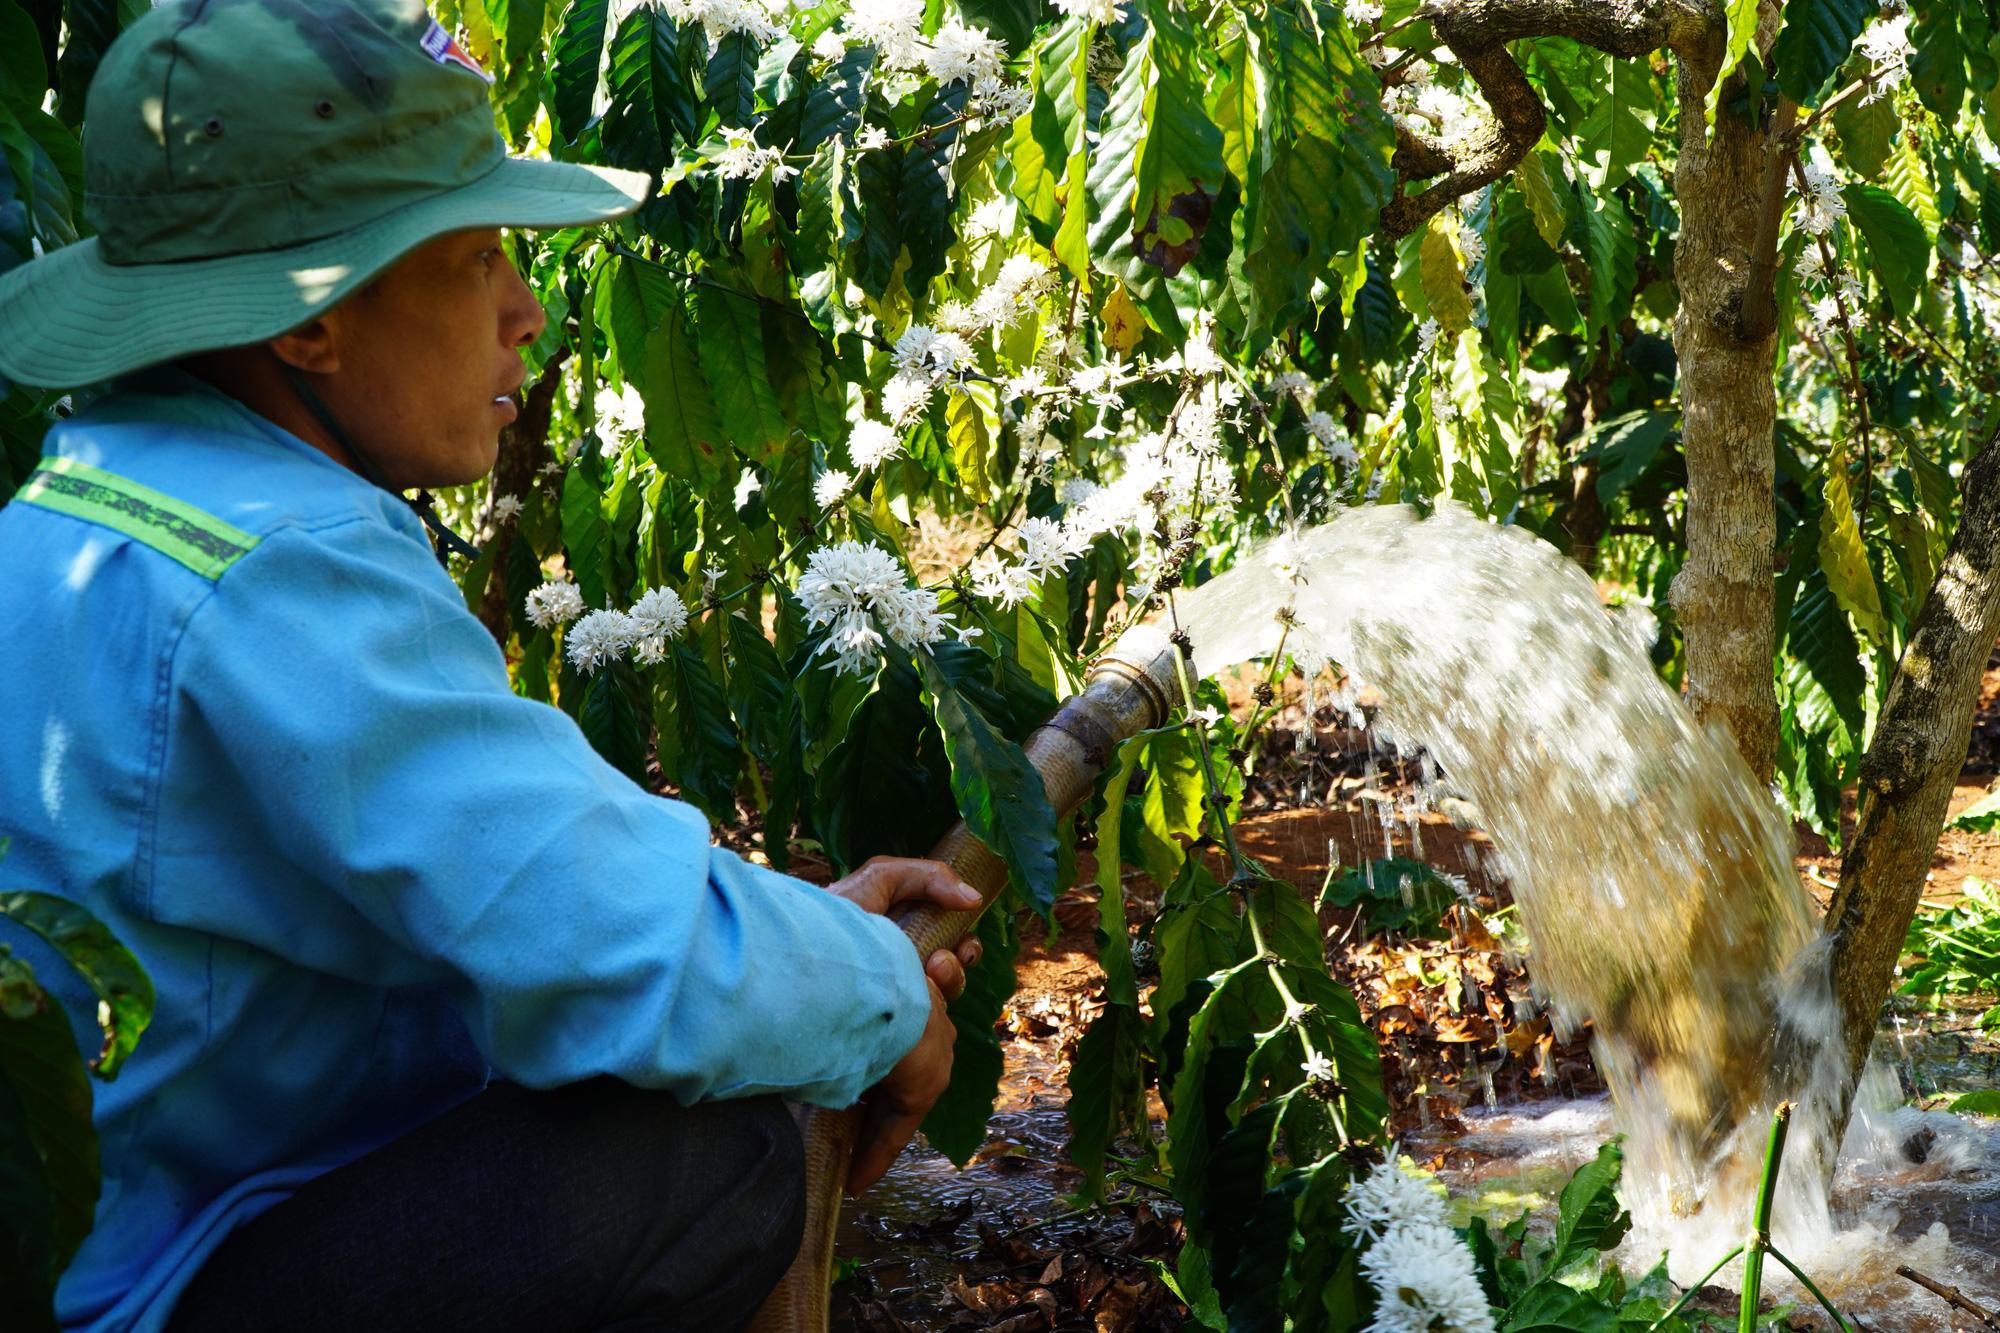 Nông dân Gia Lai hối hả đưa máy móc tưới cho cà phê sai quả - Ảnh 7.